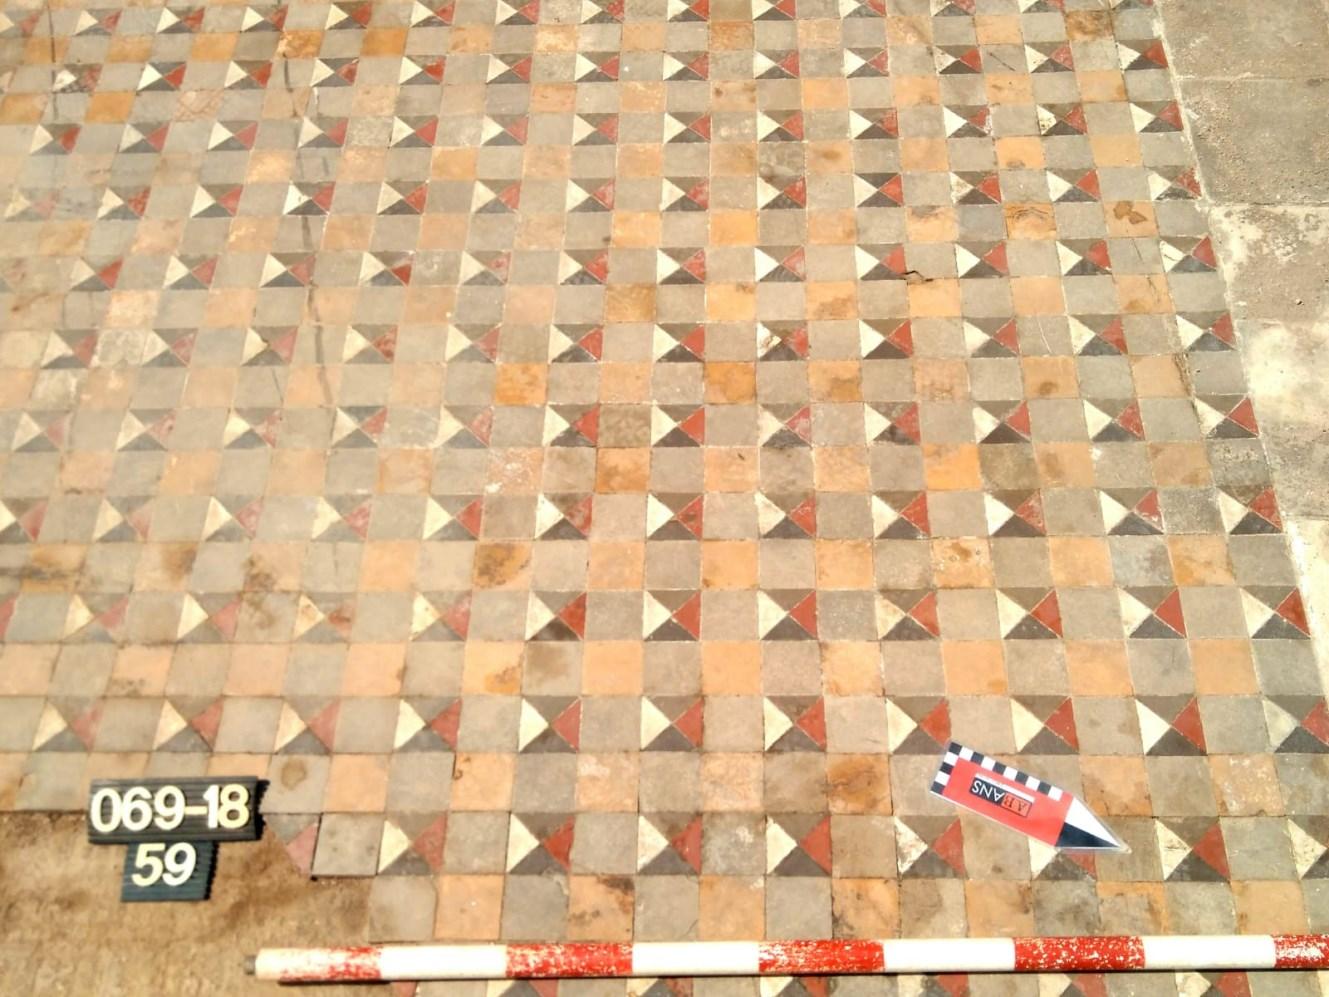 Detall dels mosaics del pavelló de les Belles Arts de l'Exposició de 1888. Foto: Jordi Serra